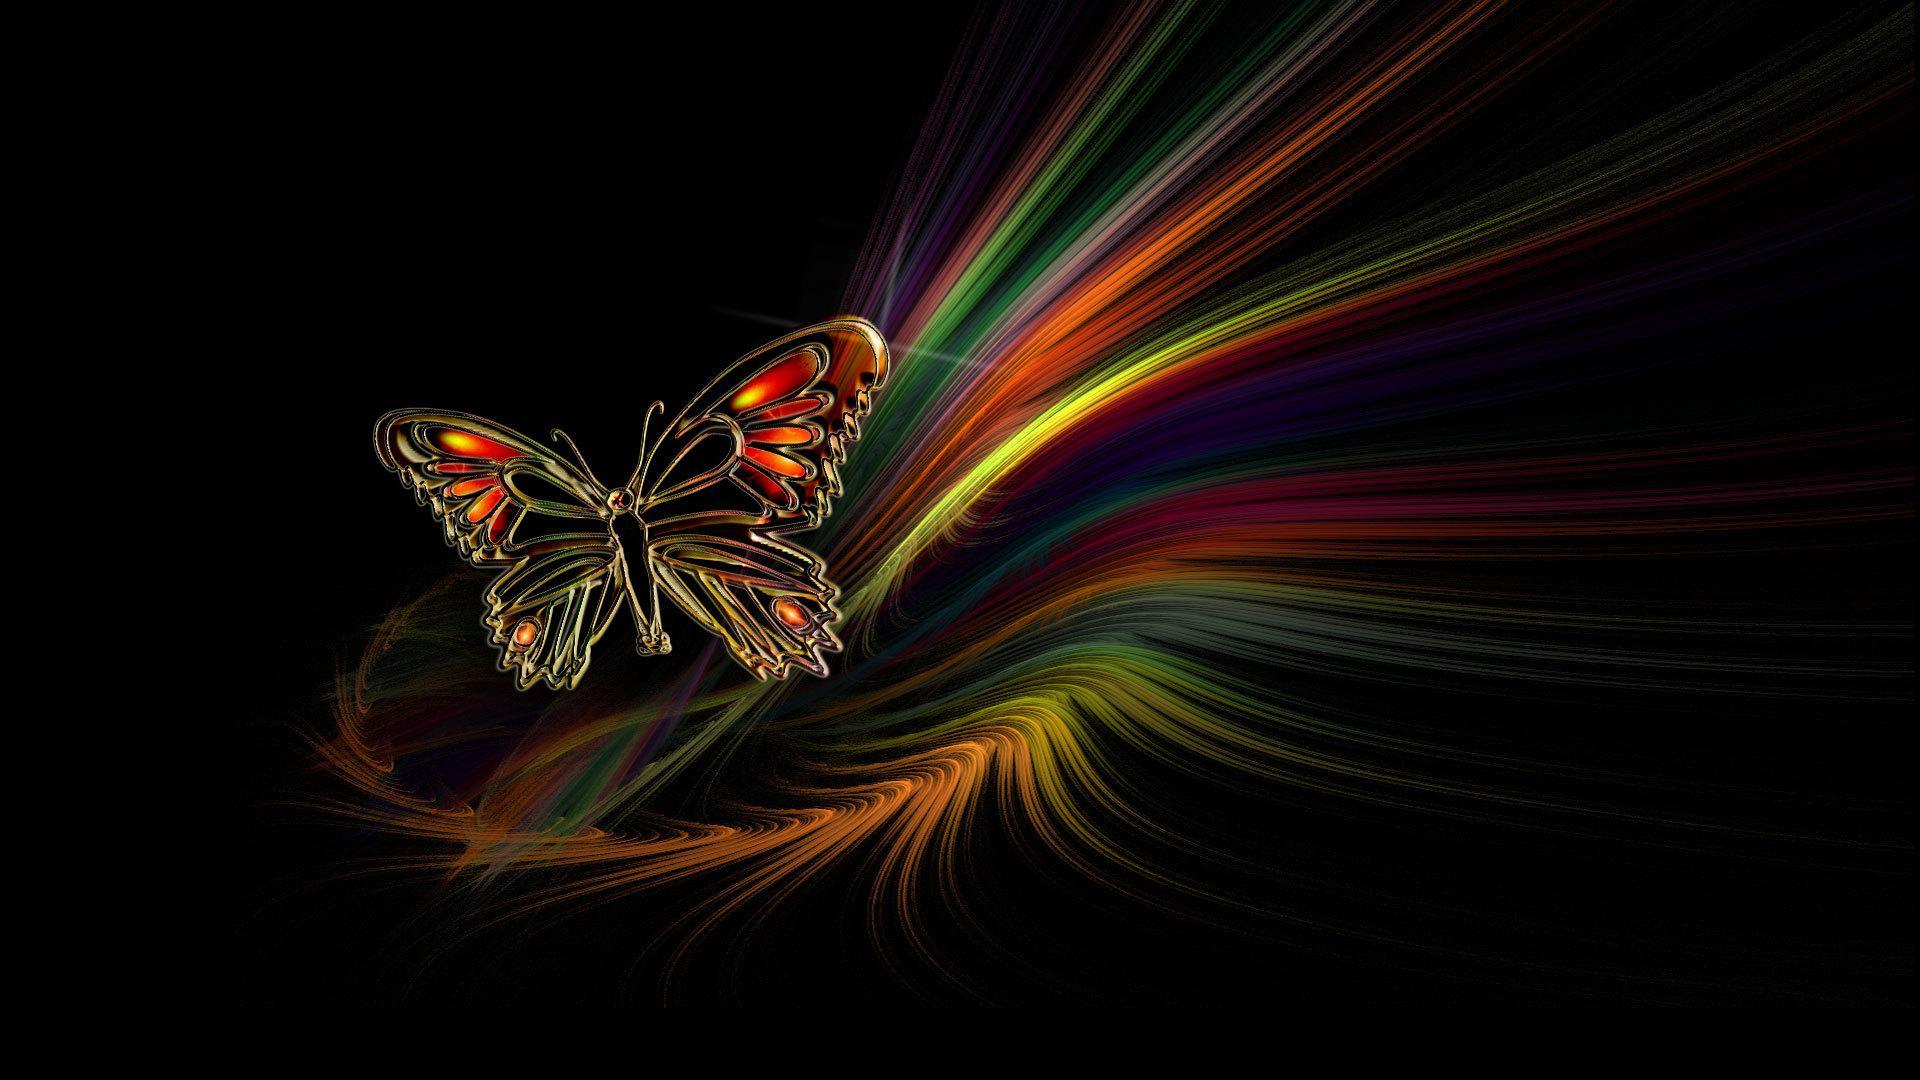 Butterfly Free Download HD Desktop Wallpapers K HD - Butterfly wallpaper for computer desktop